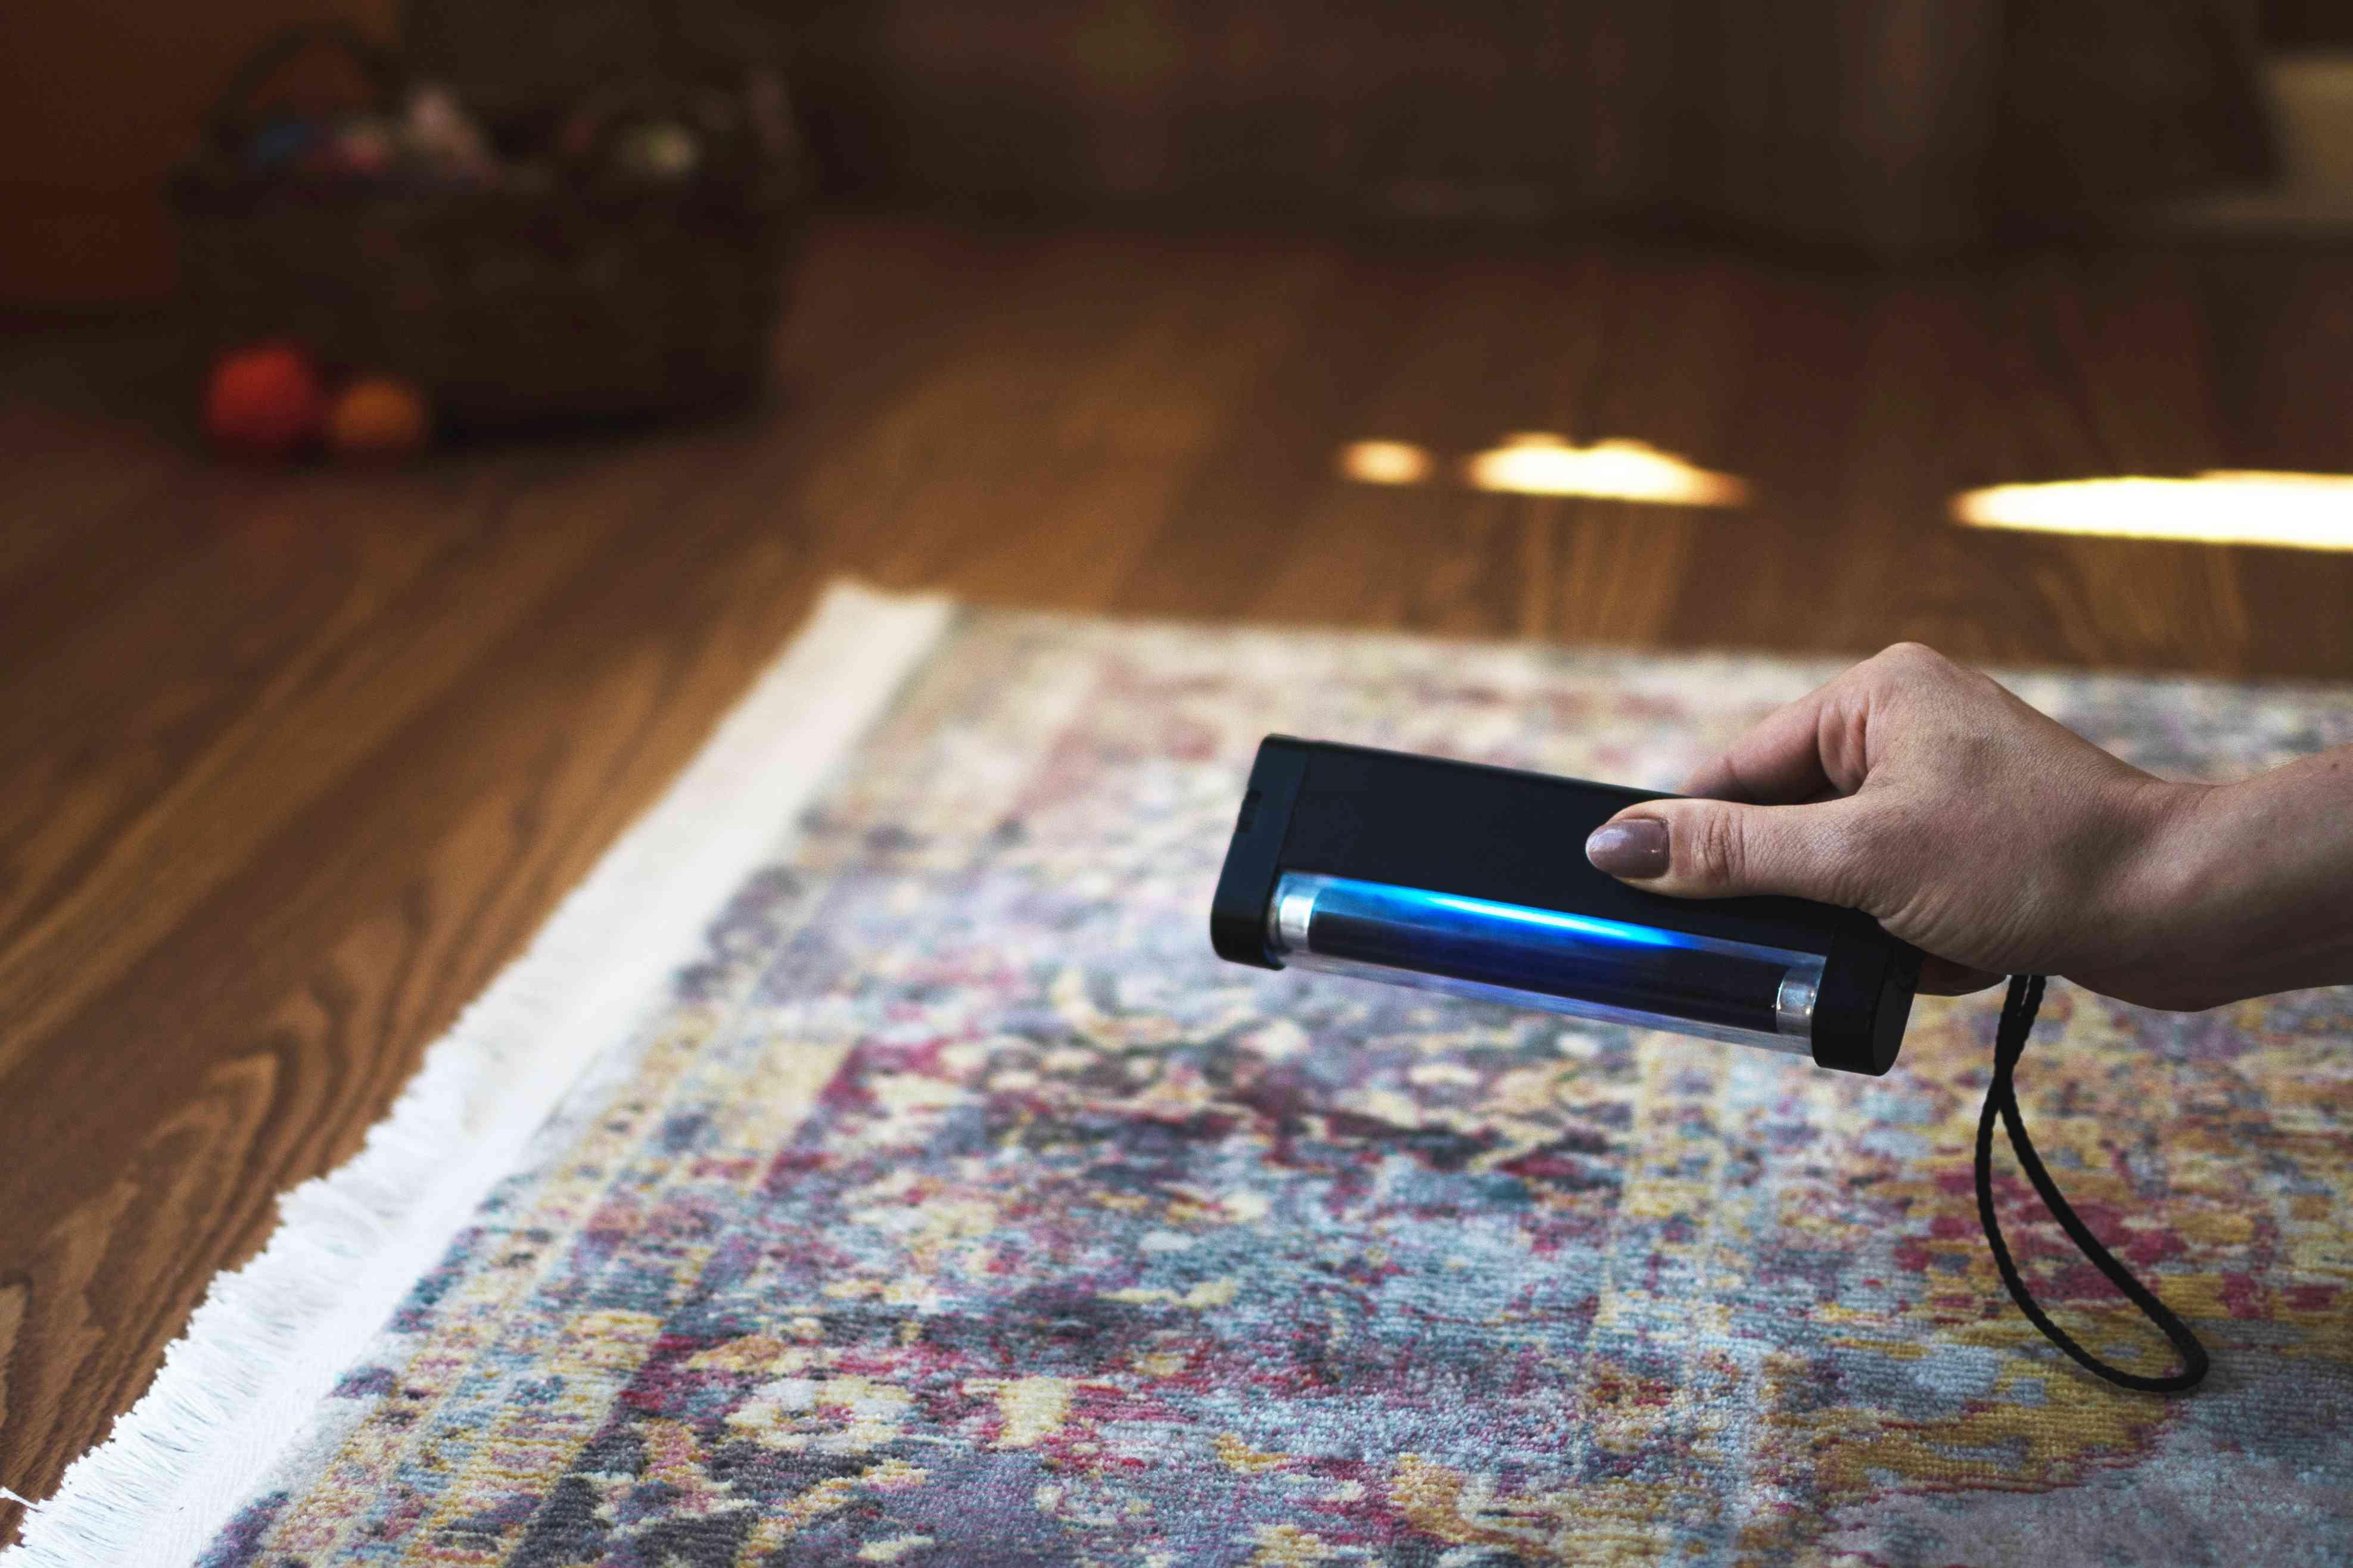 Black light hovering over patterned rug to find hidden stains